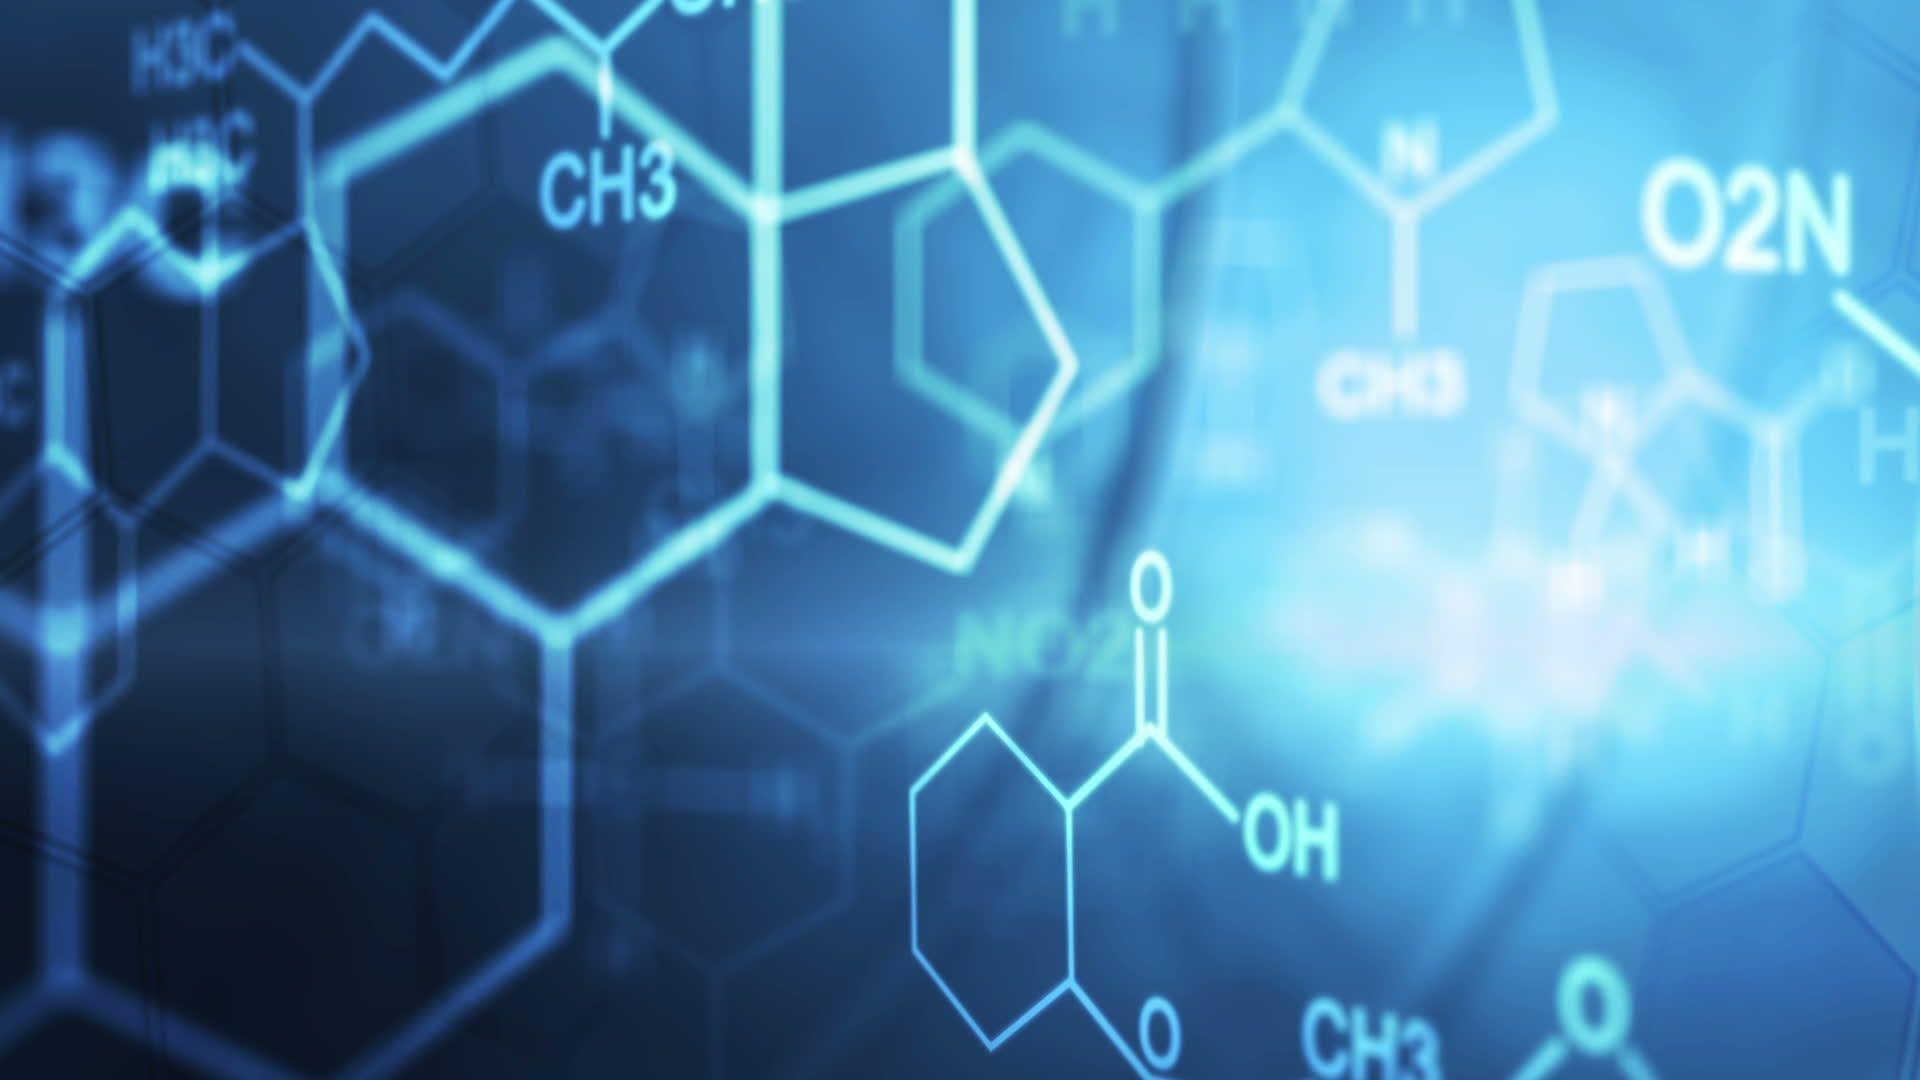 Organic Chemistry Wallpaper Wallpapersafari Organic Chemistry Science Chemistry Chemistry